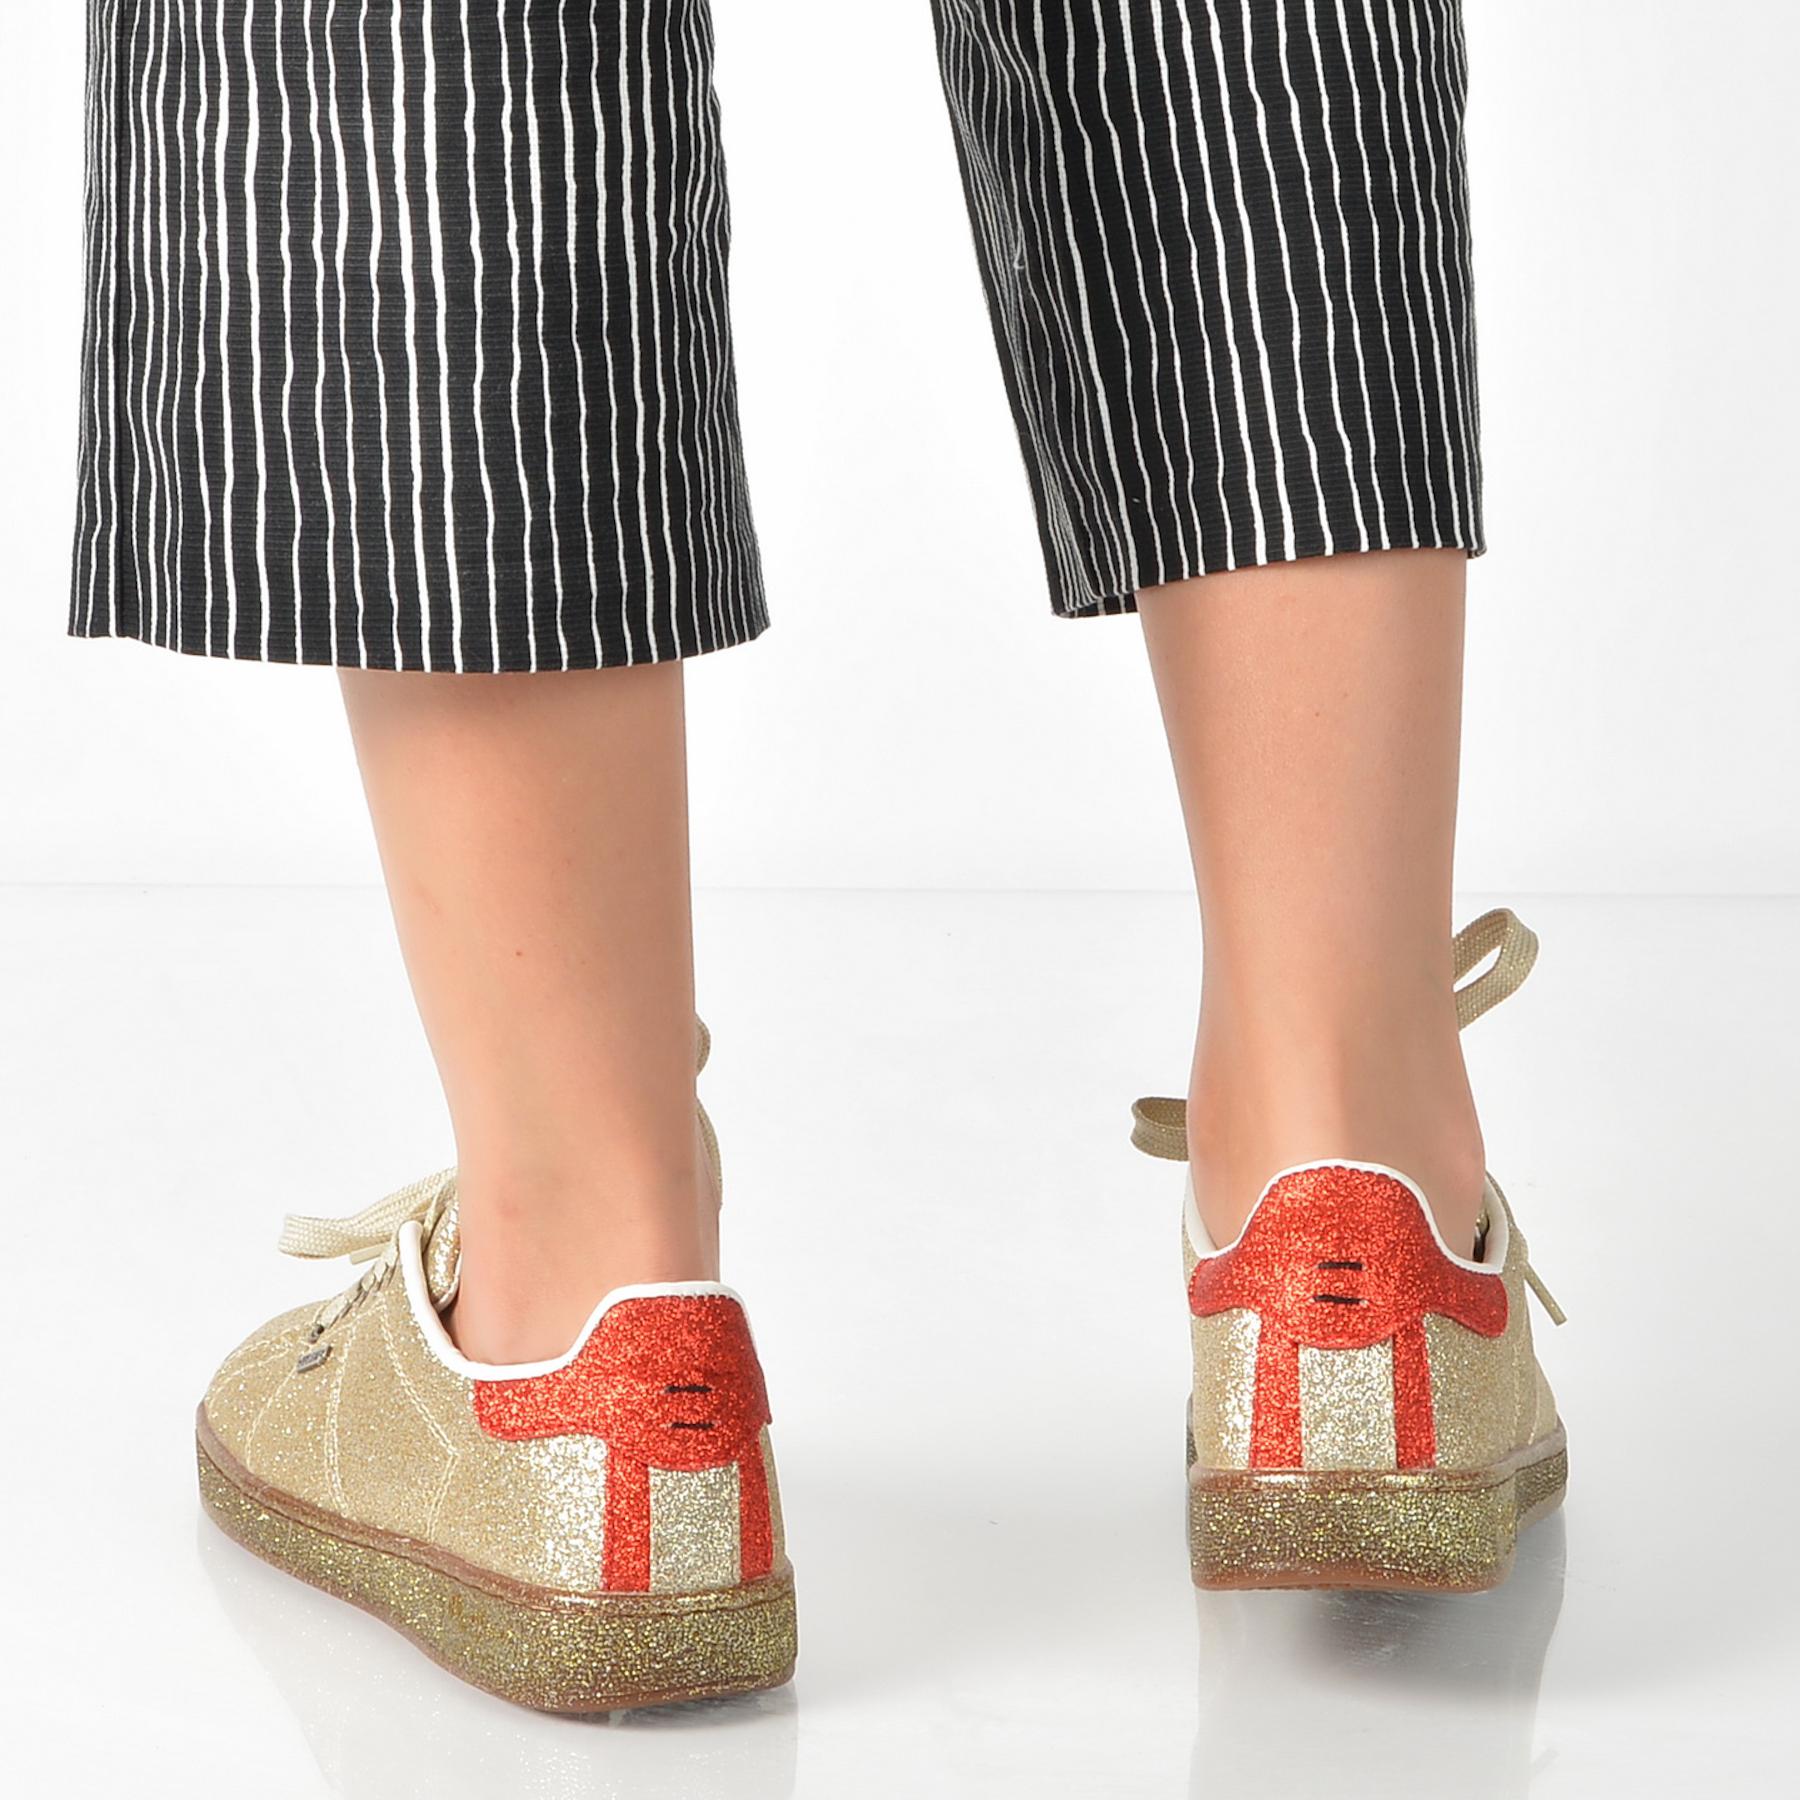 Pantofi Pepe Jeans Aurii, Ls30666, Din Piele Ecologica